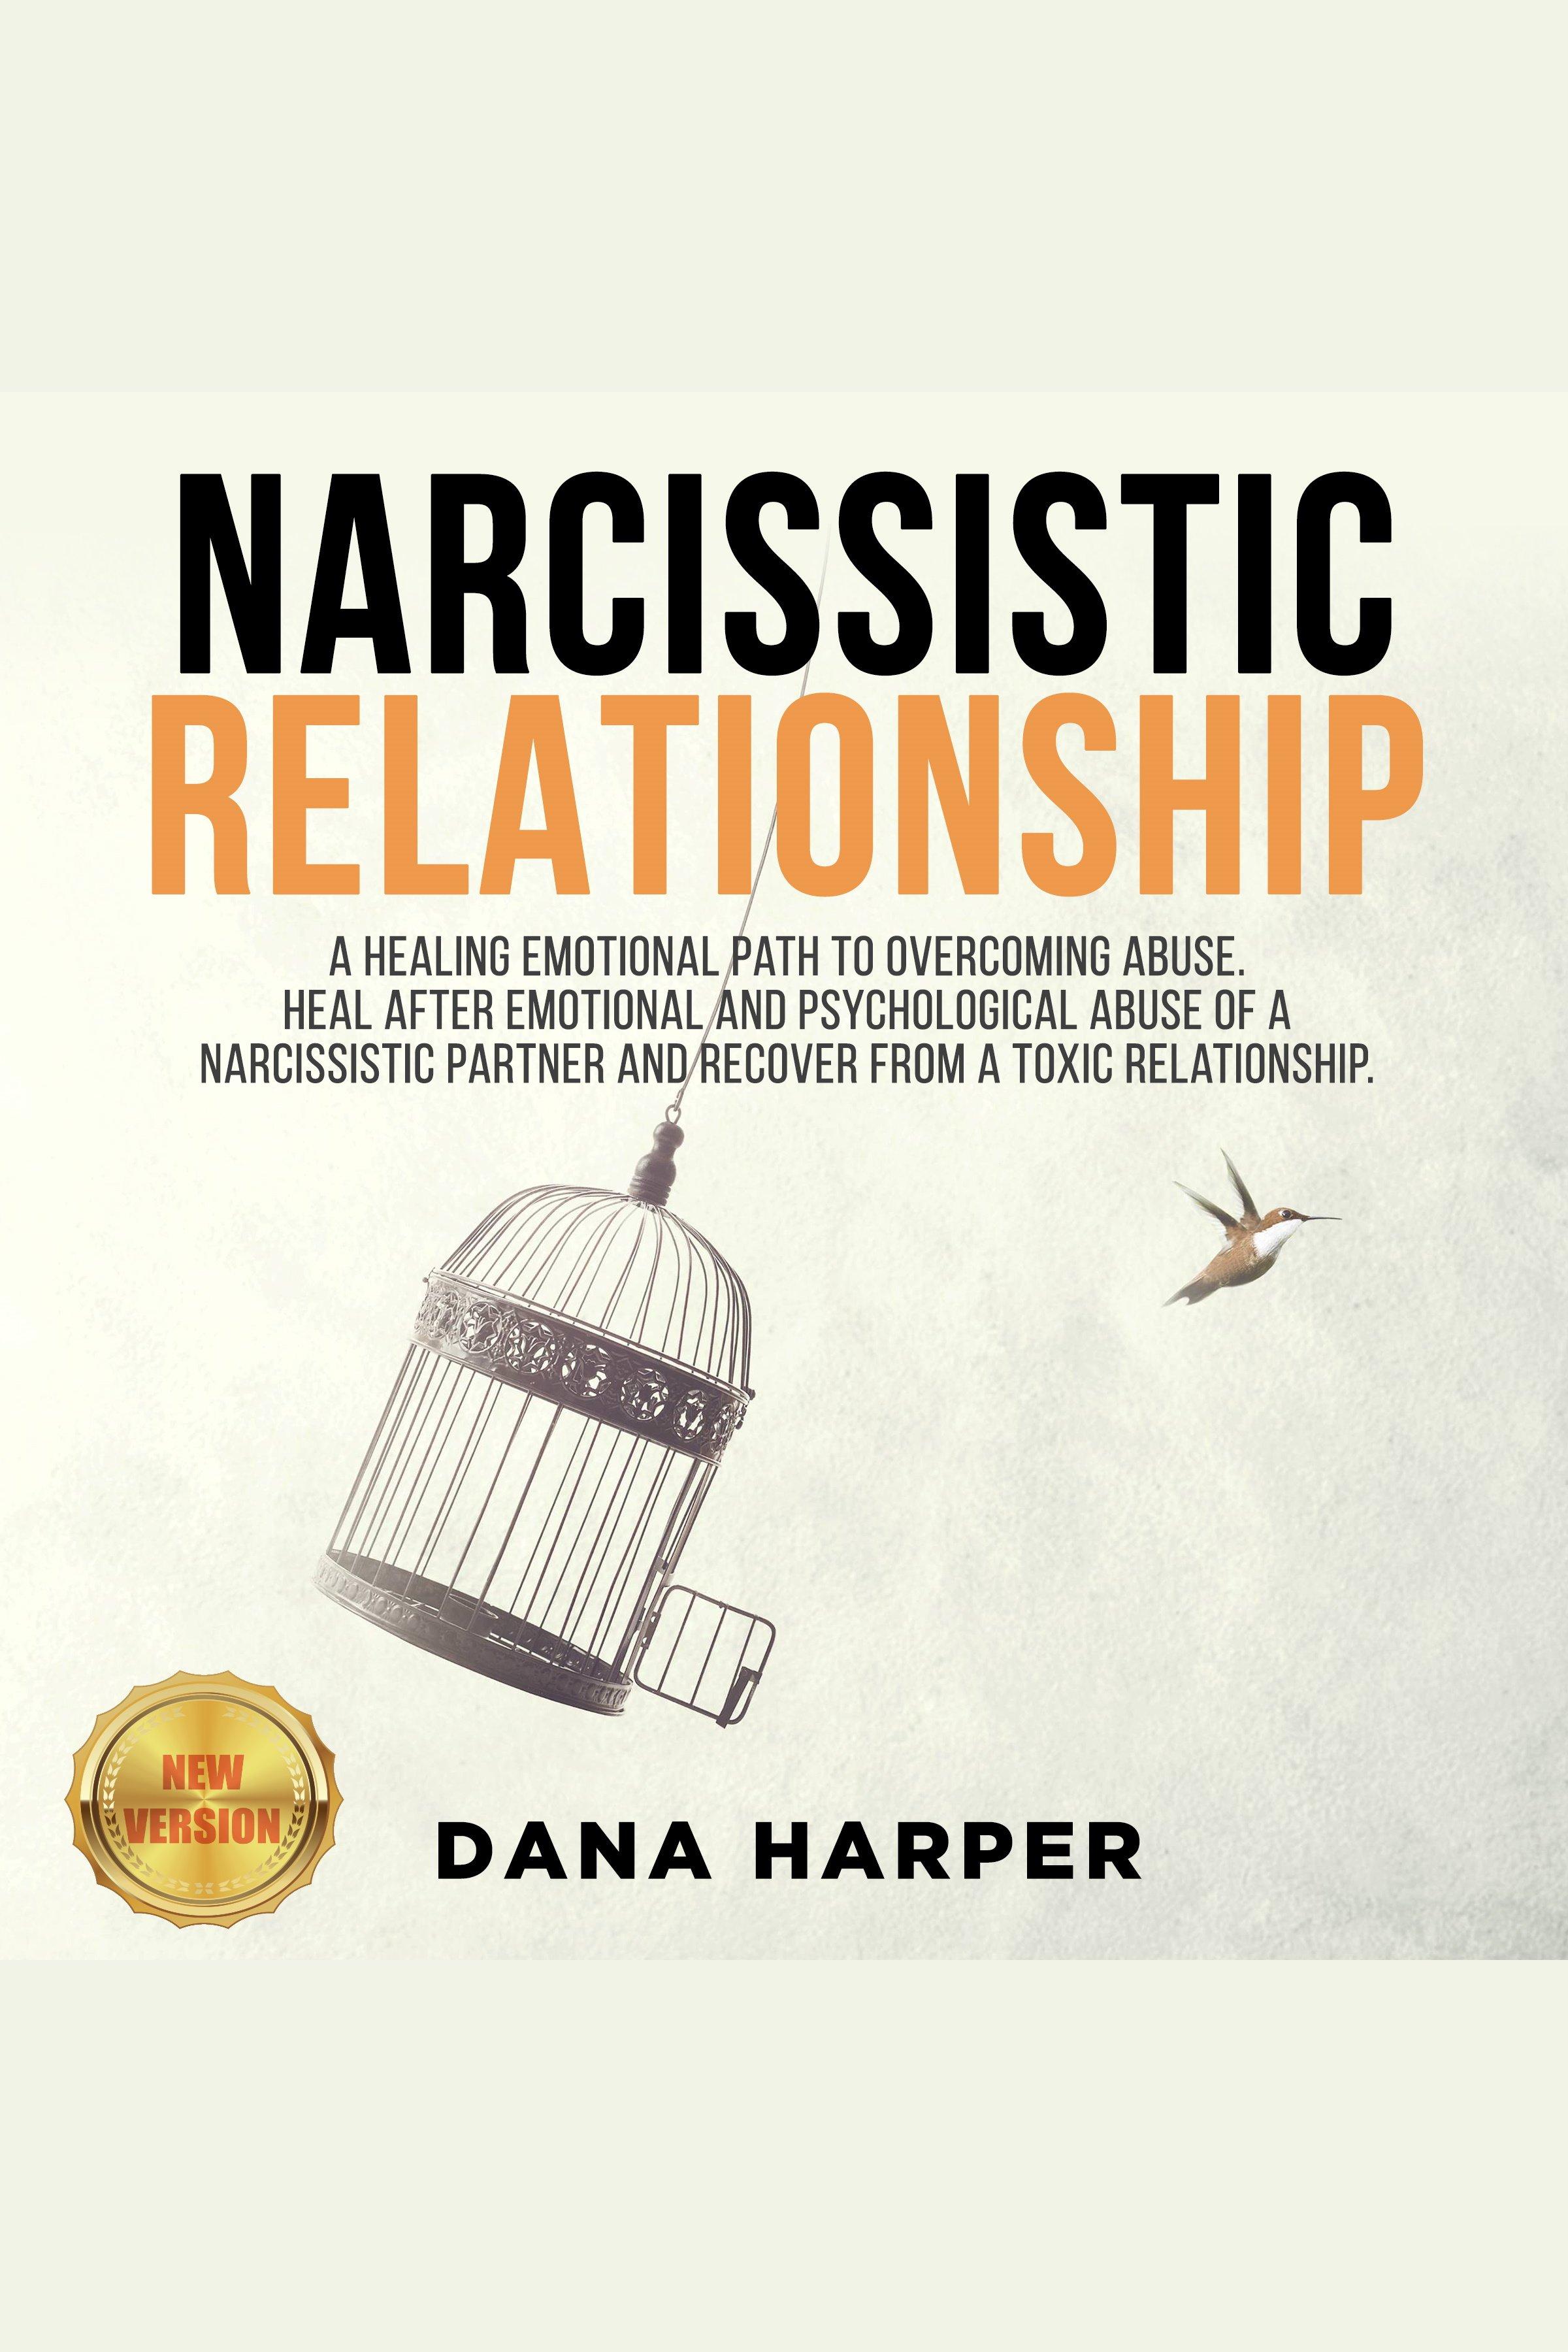 Esta es la portada del audiolibro NARCISSISTIC RELATIONSHIP